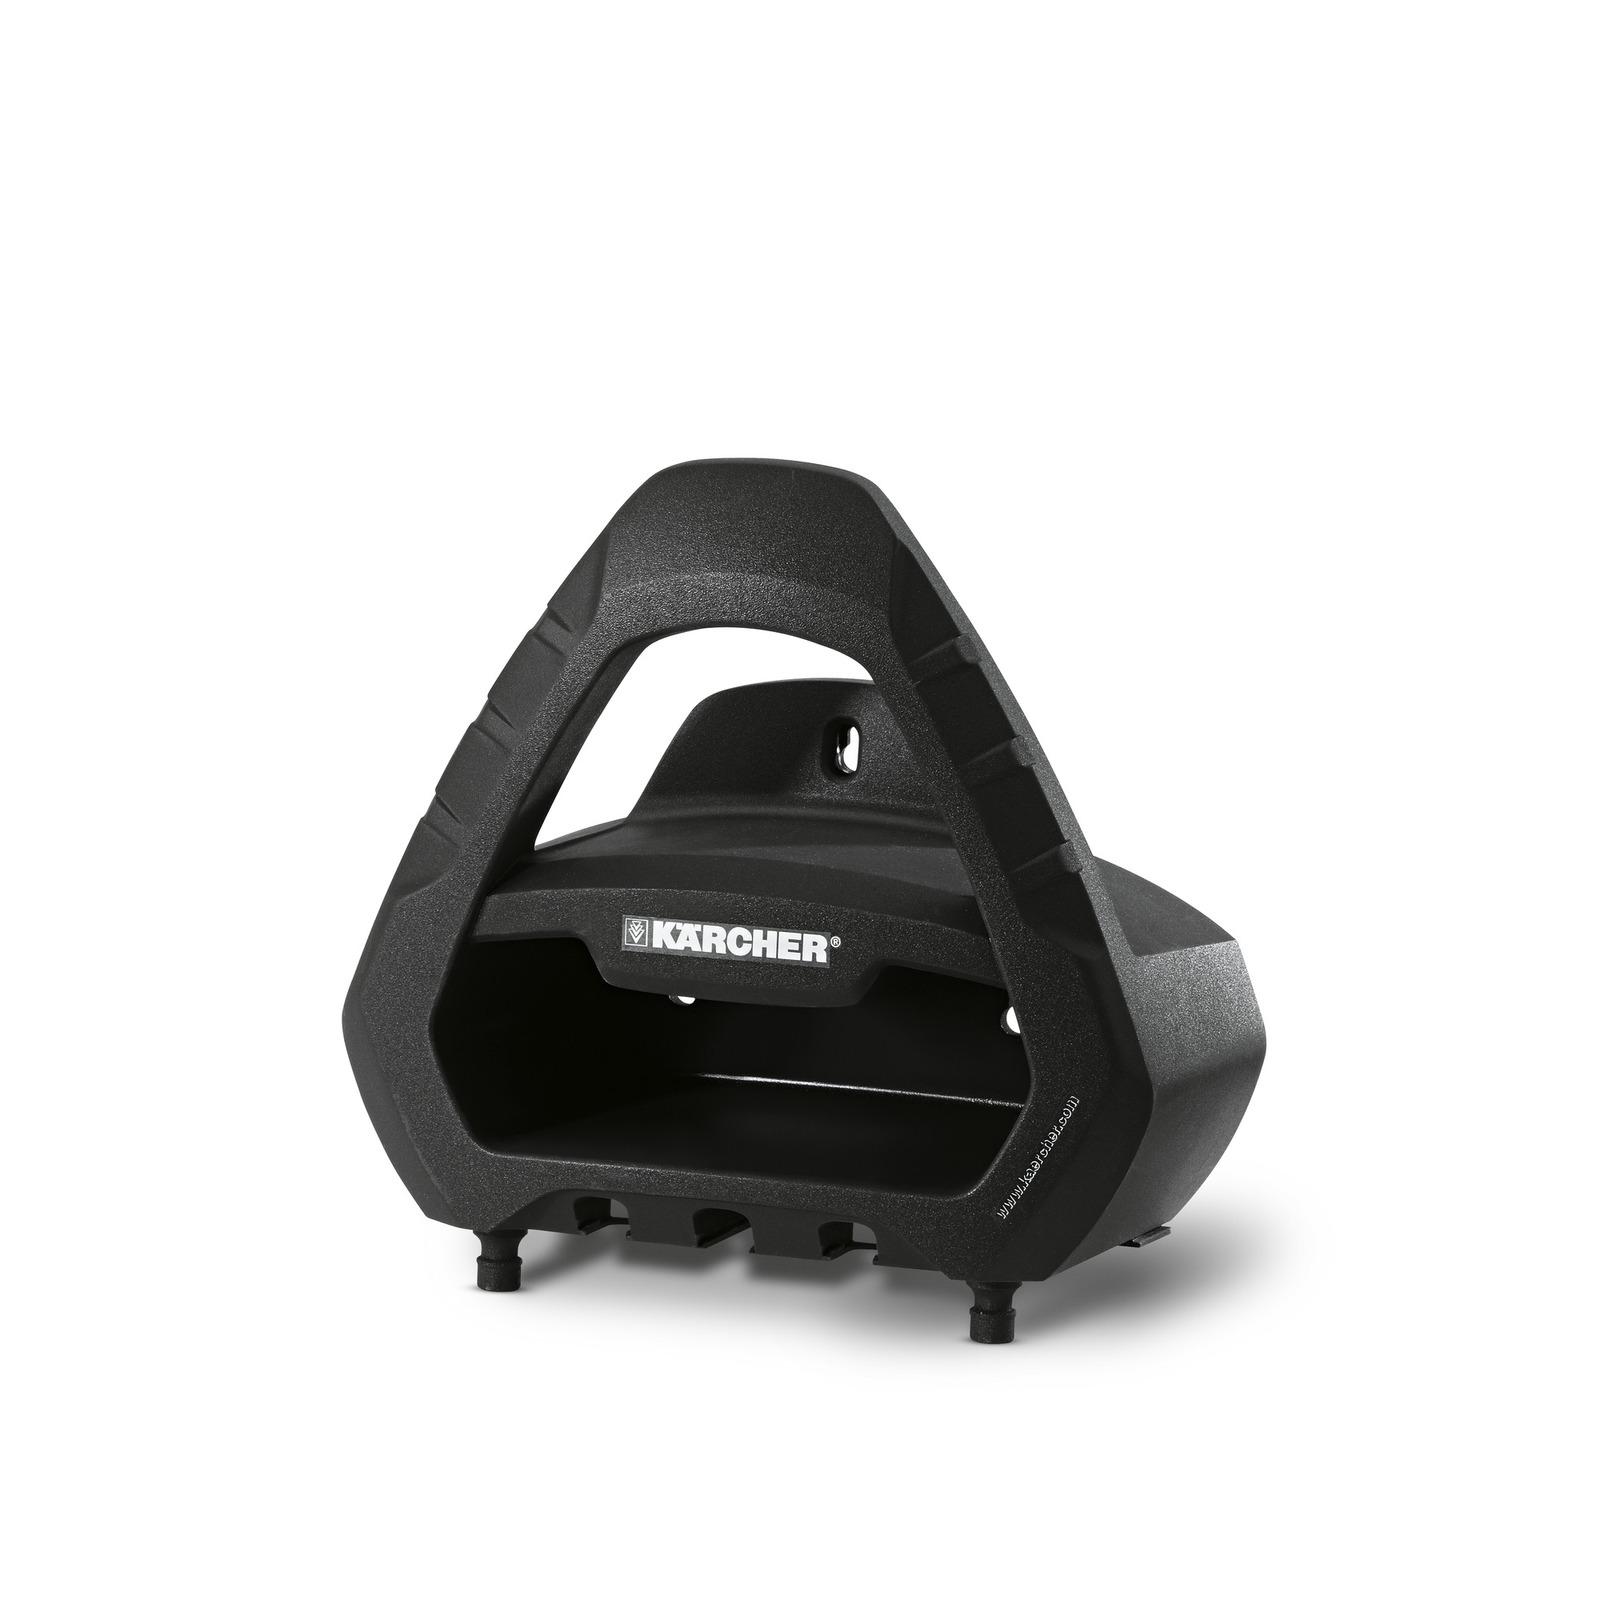 schlauchhalter plus robuste halterung f r au enw nde. Black Bedroom Furniture Sets. Home Design Ideas